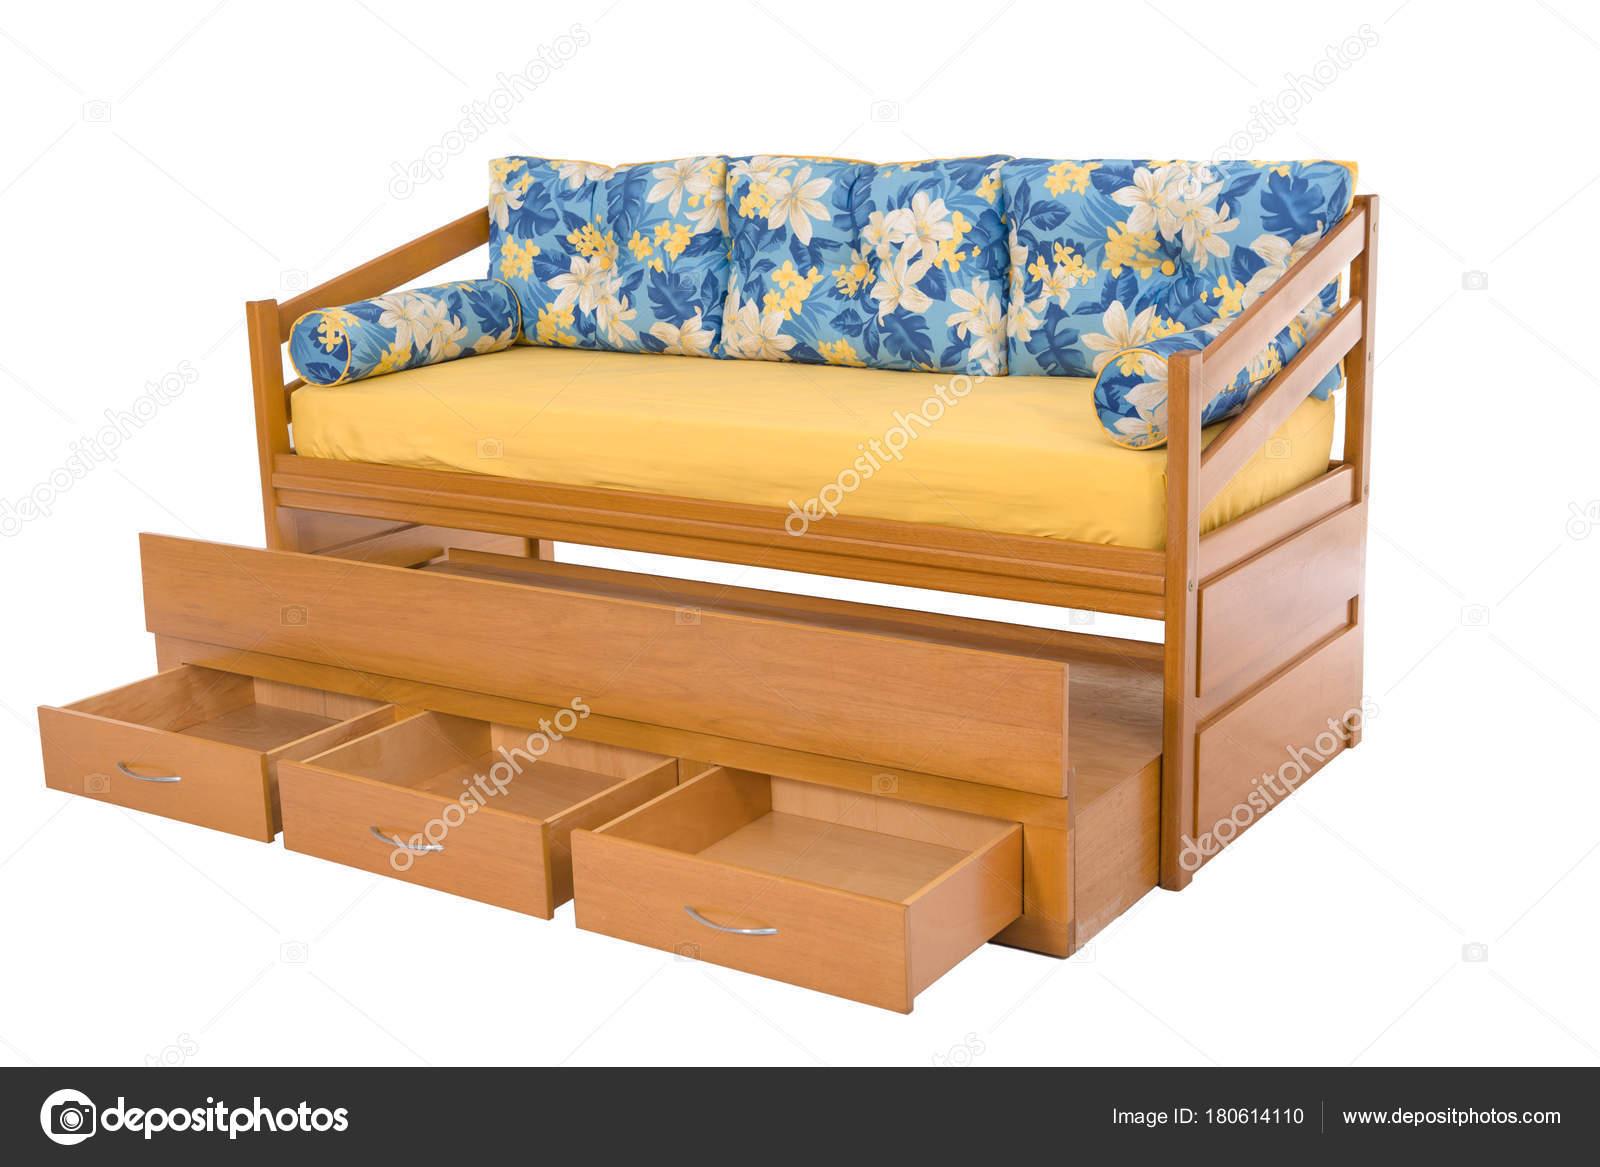 Tre sedili accogliente divano letto legno isolato su bianco — Foto ...